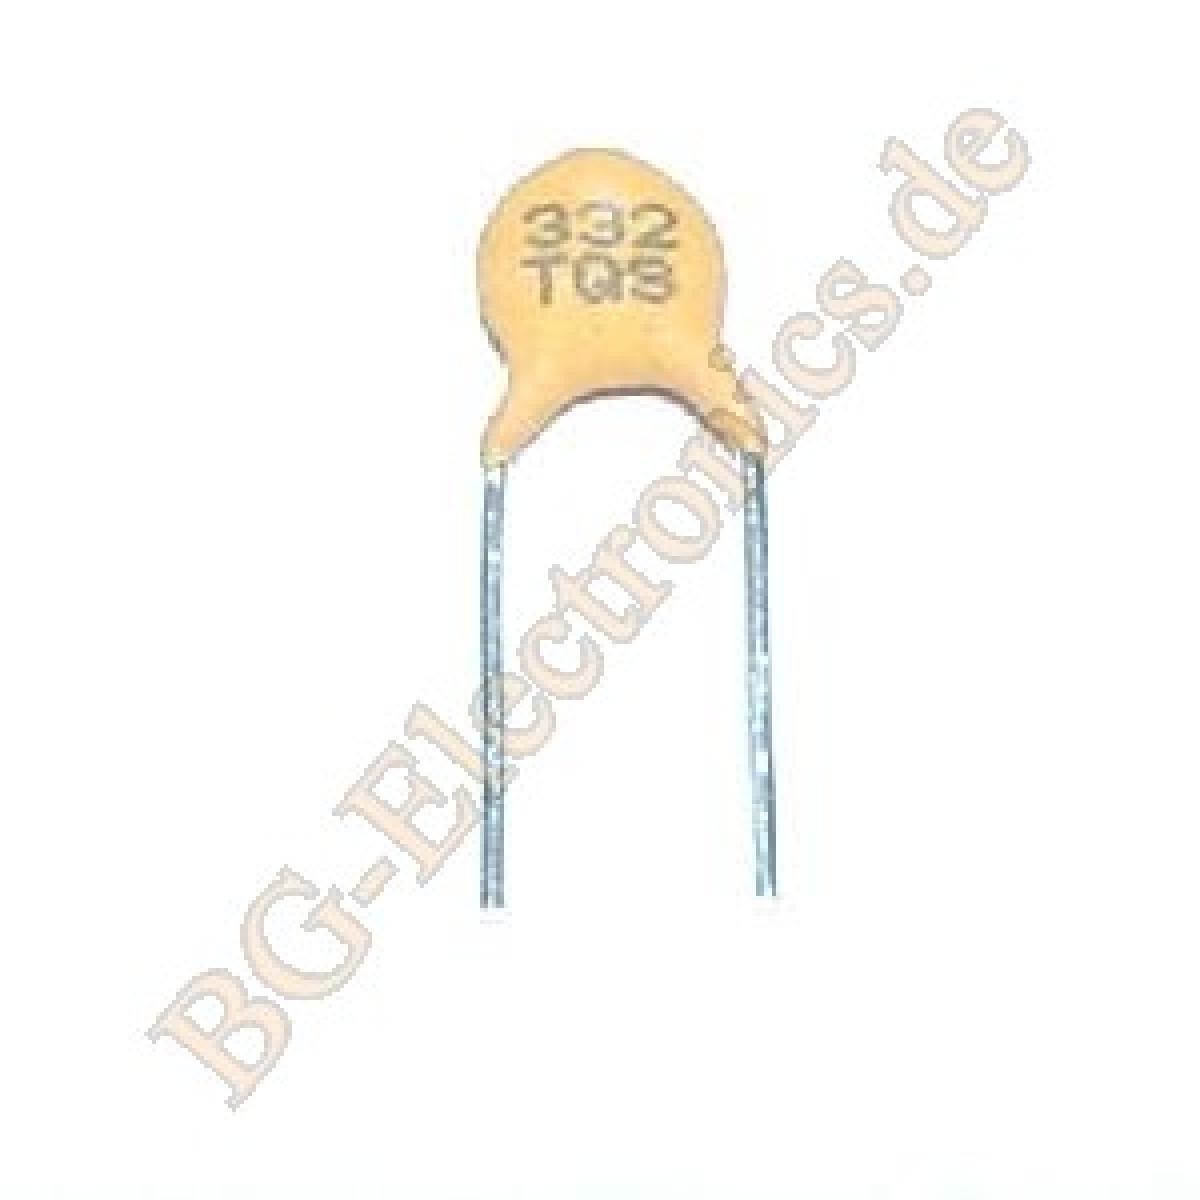 Harte Borsten Fenteer Abnehmbar M/öbelpinsel//M/öbelb/ürste f/ür die Meisten Staubsauger mit 32 mm Innendurchmesser